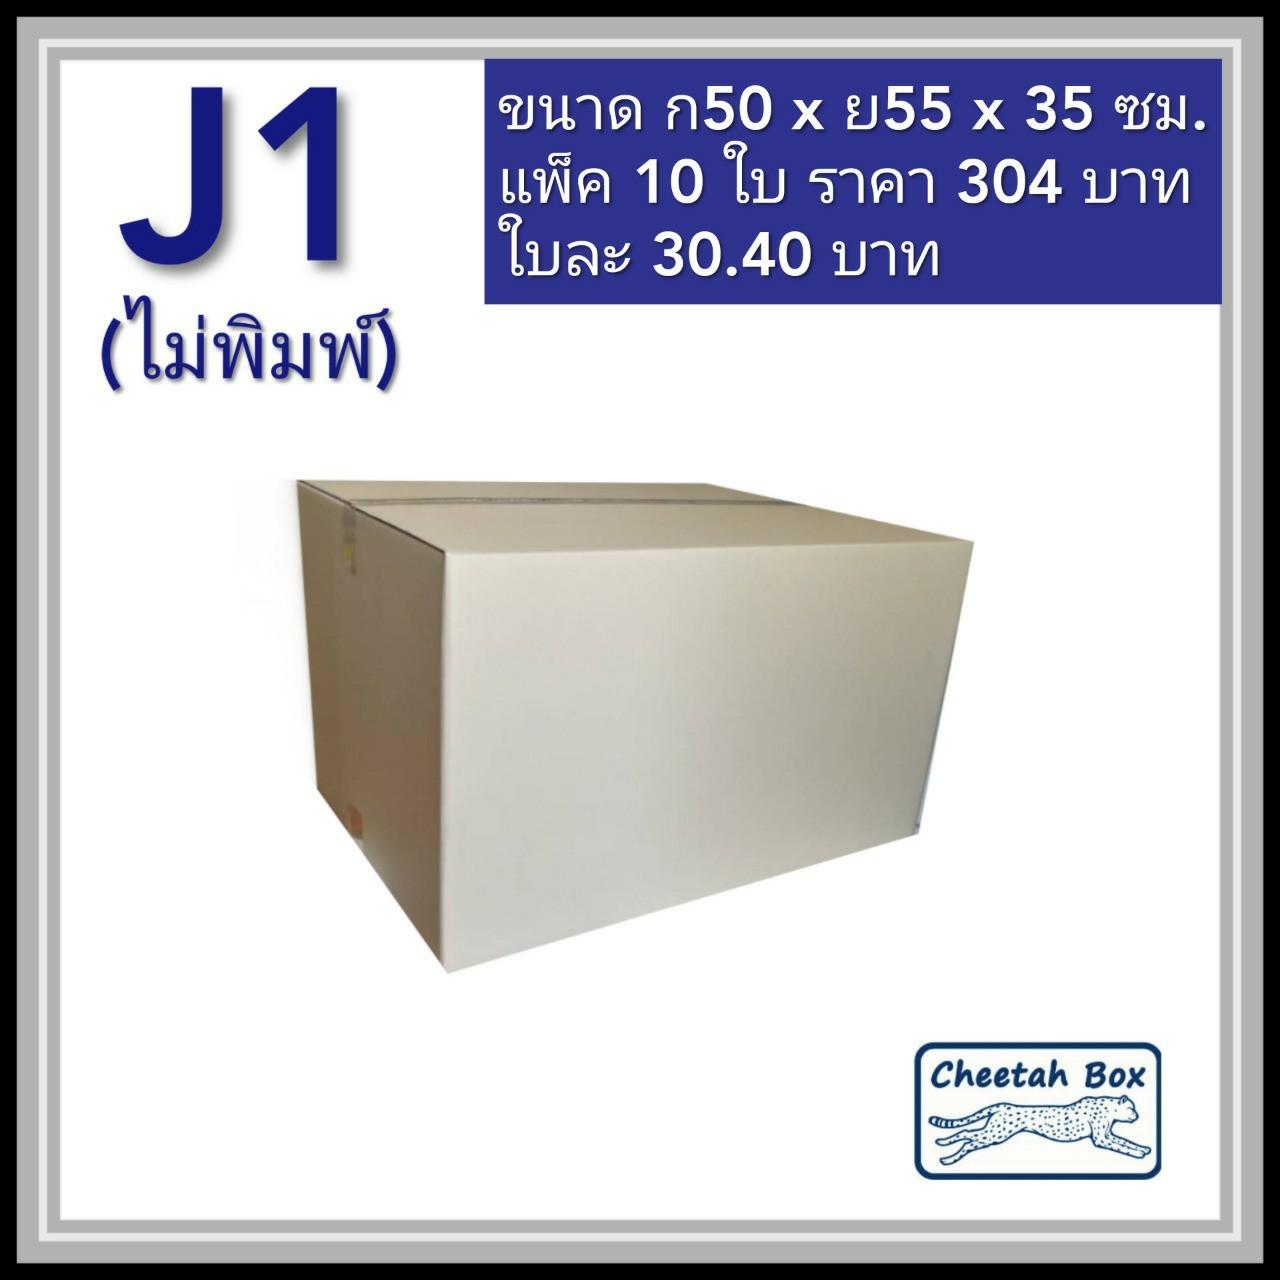 กล่องพัสดุขนาดใหญ่ J1 ลูกฟูก 3 ชั้น (Cheetah Box ขนาด 50*55*35 CM)